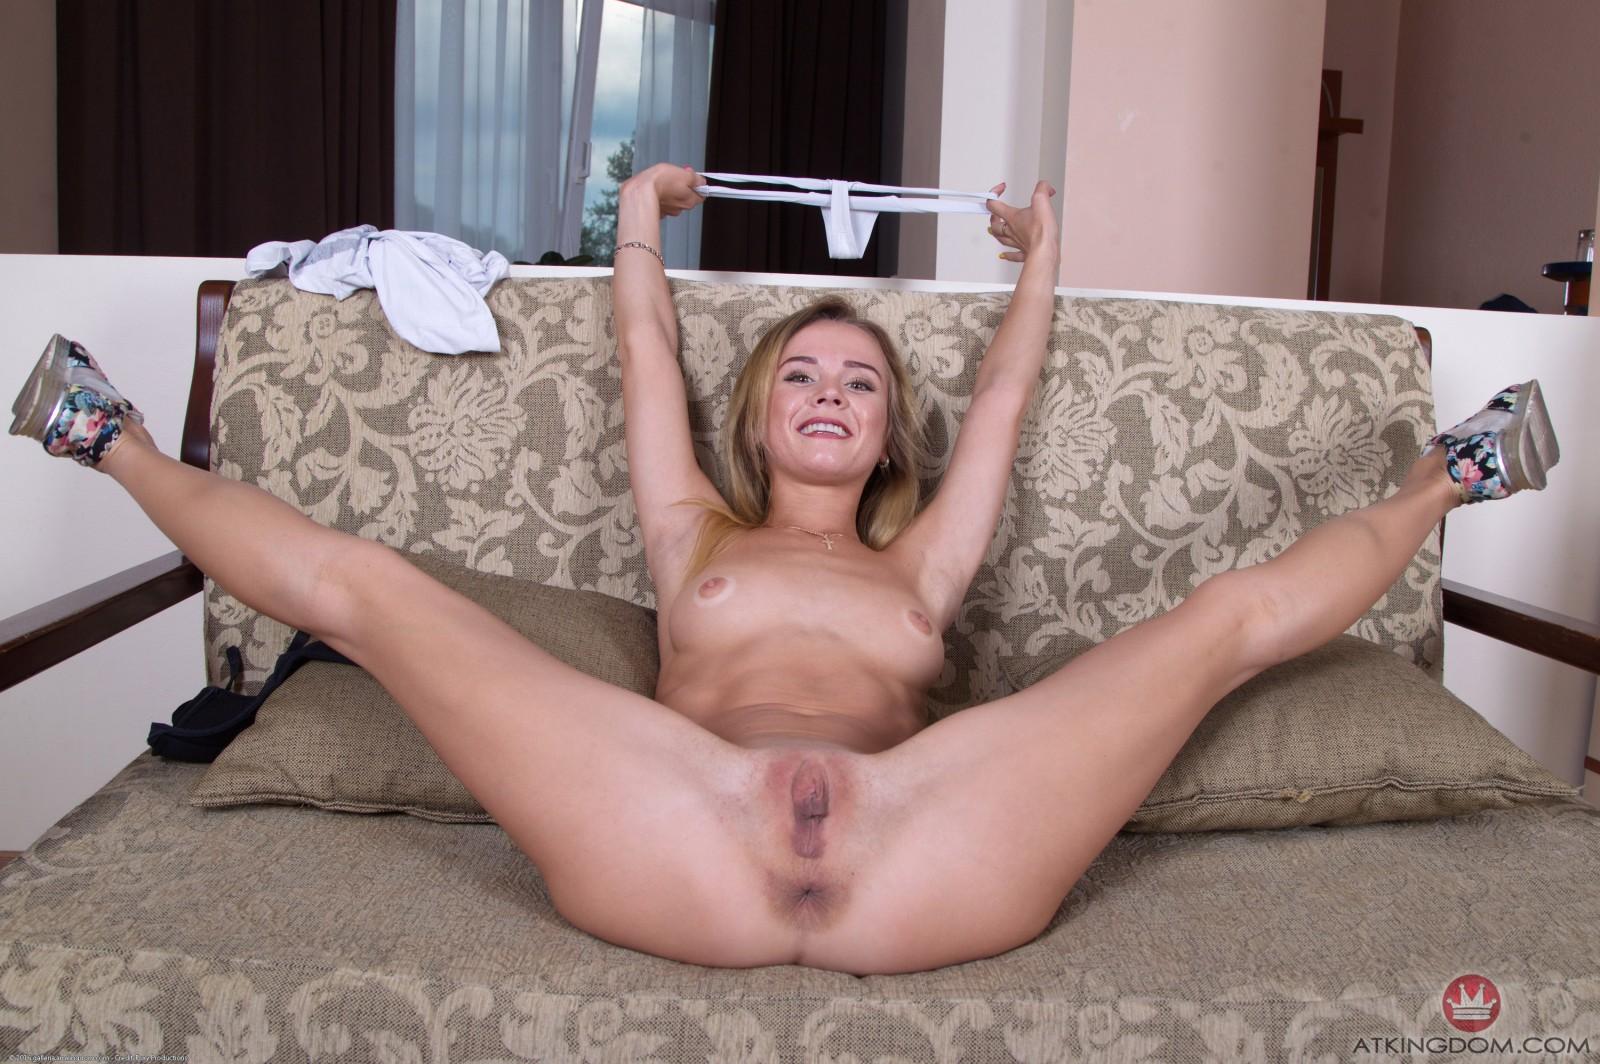 Marlen porn and sex pics